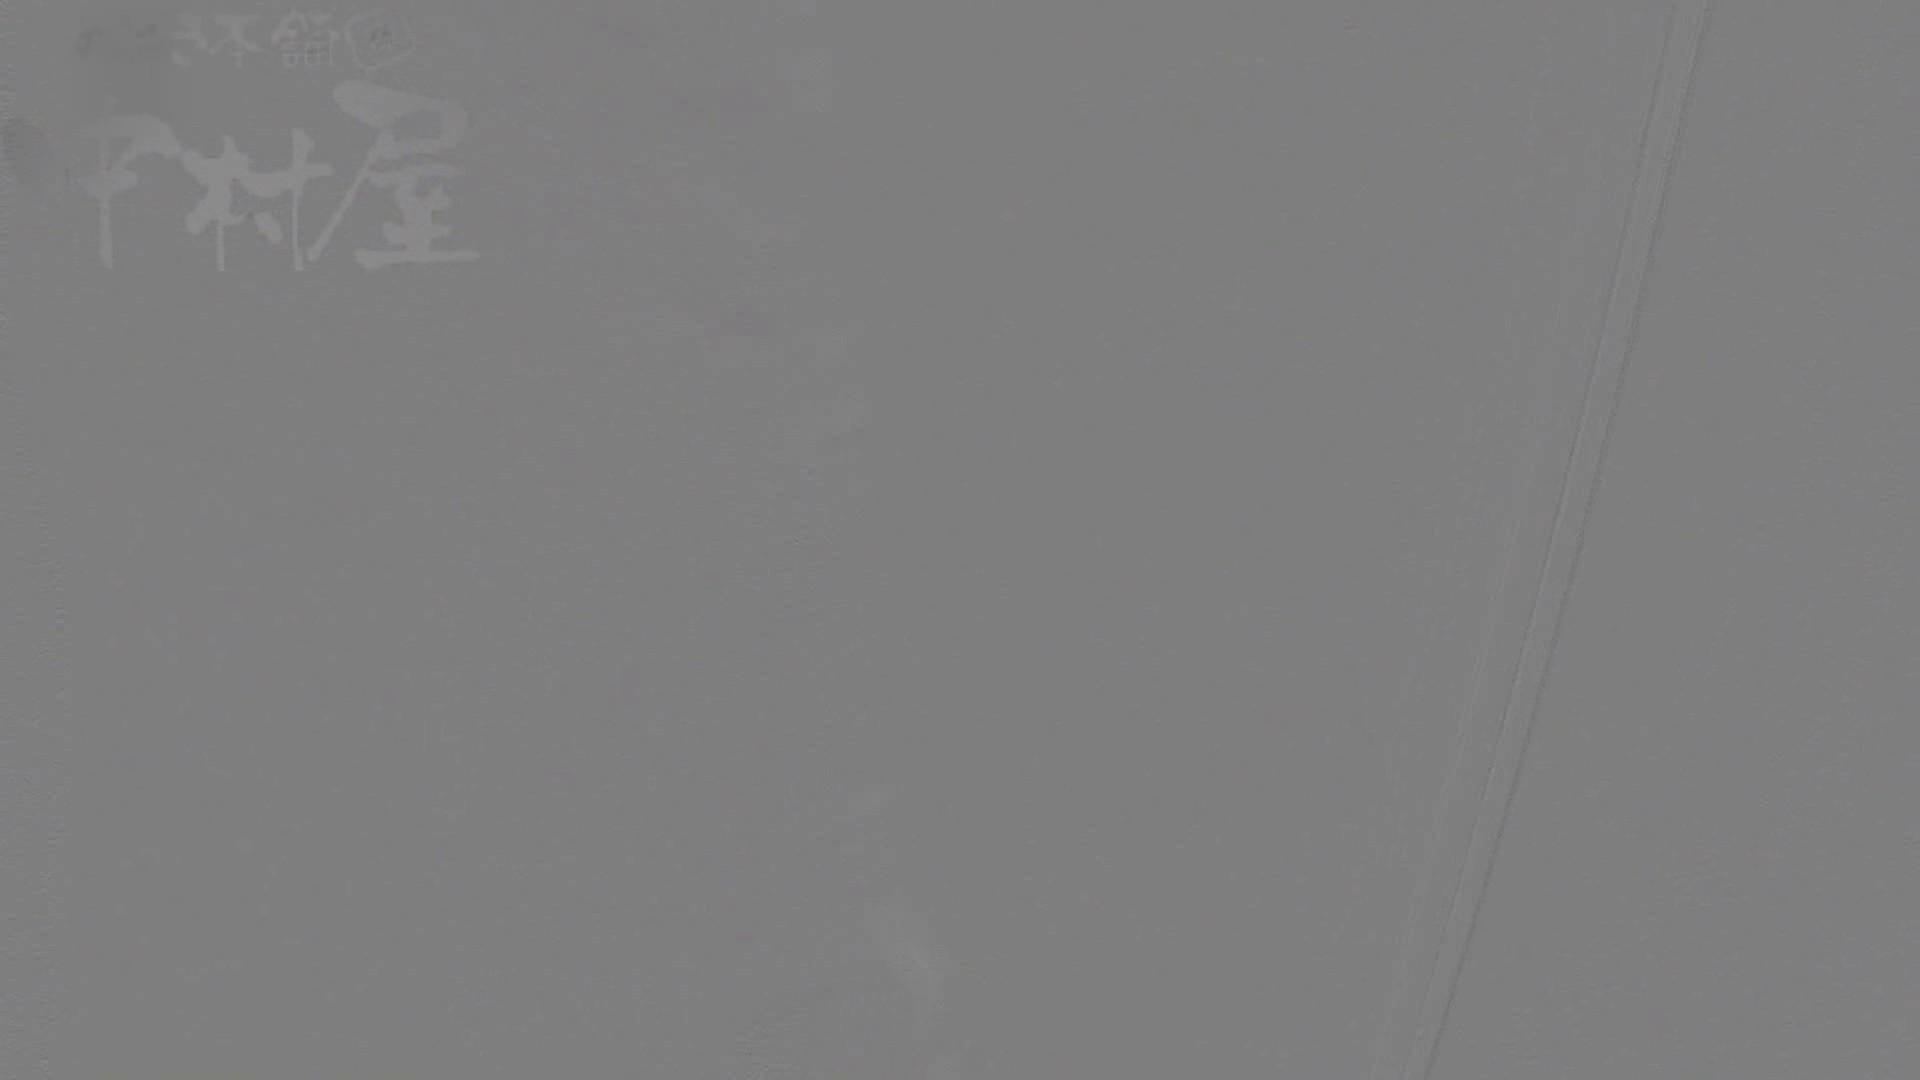 美しい日本の未来 No.17 番外編 ※※※閲覧注意※※※ 女子トイレ 盗撮セックス無修正動画無料 105画像 46